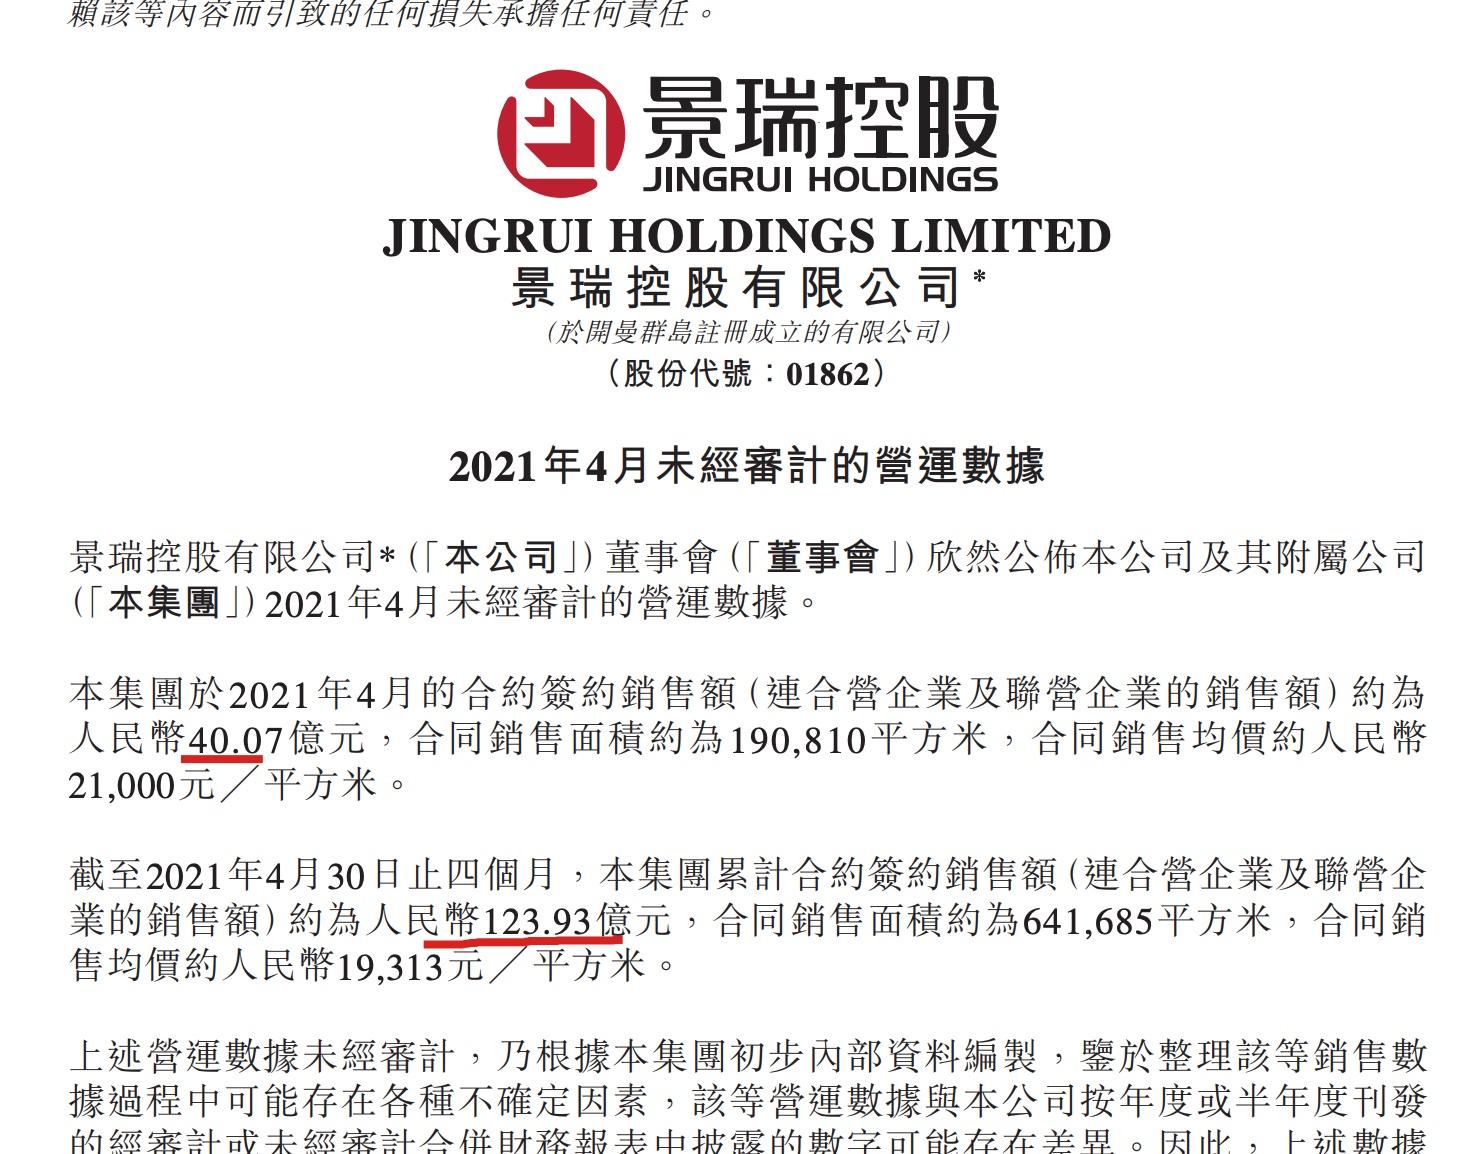 景瑞控股前4月销售额123.93亿 单月销售环比降约一成